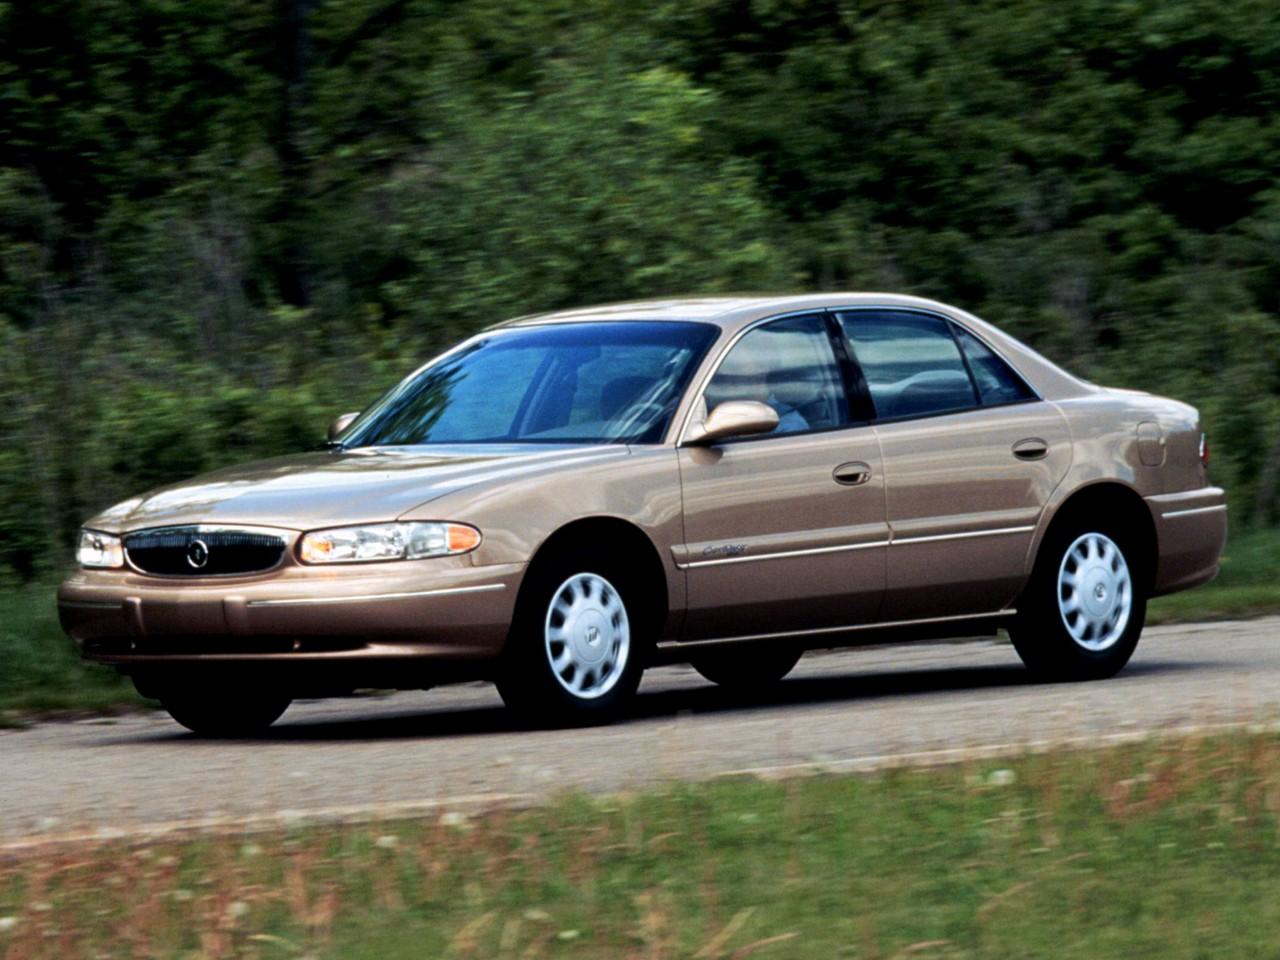 Buick Century Specs 1996 1997 1998 1999 2000 2001 2002 2003 2004 2005 Autoevolution